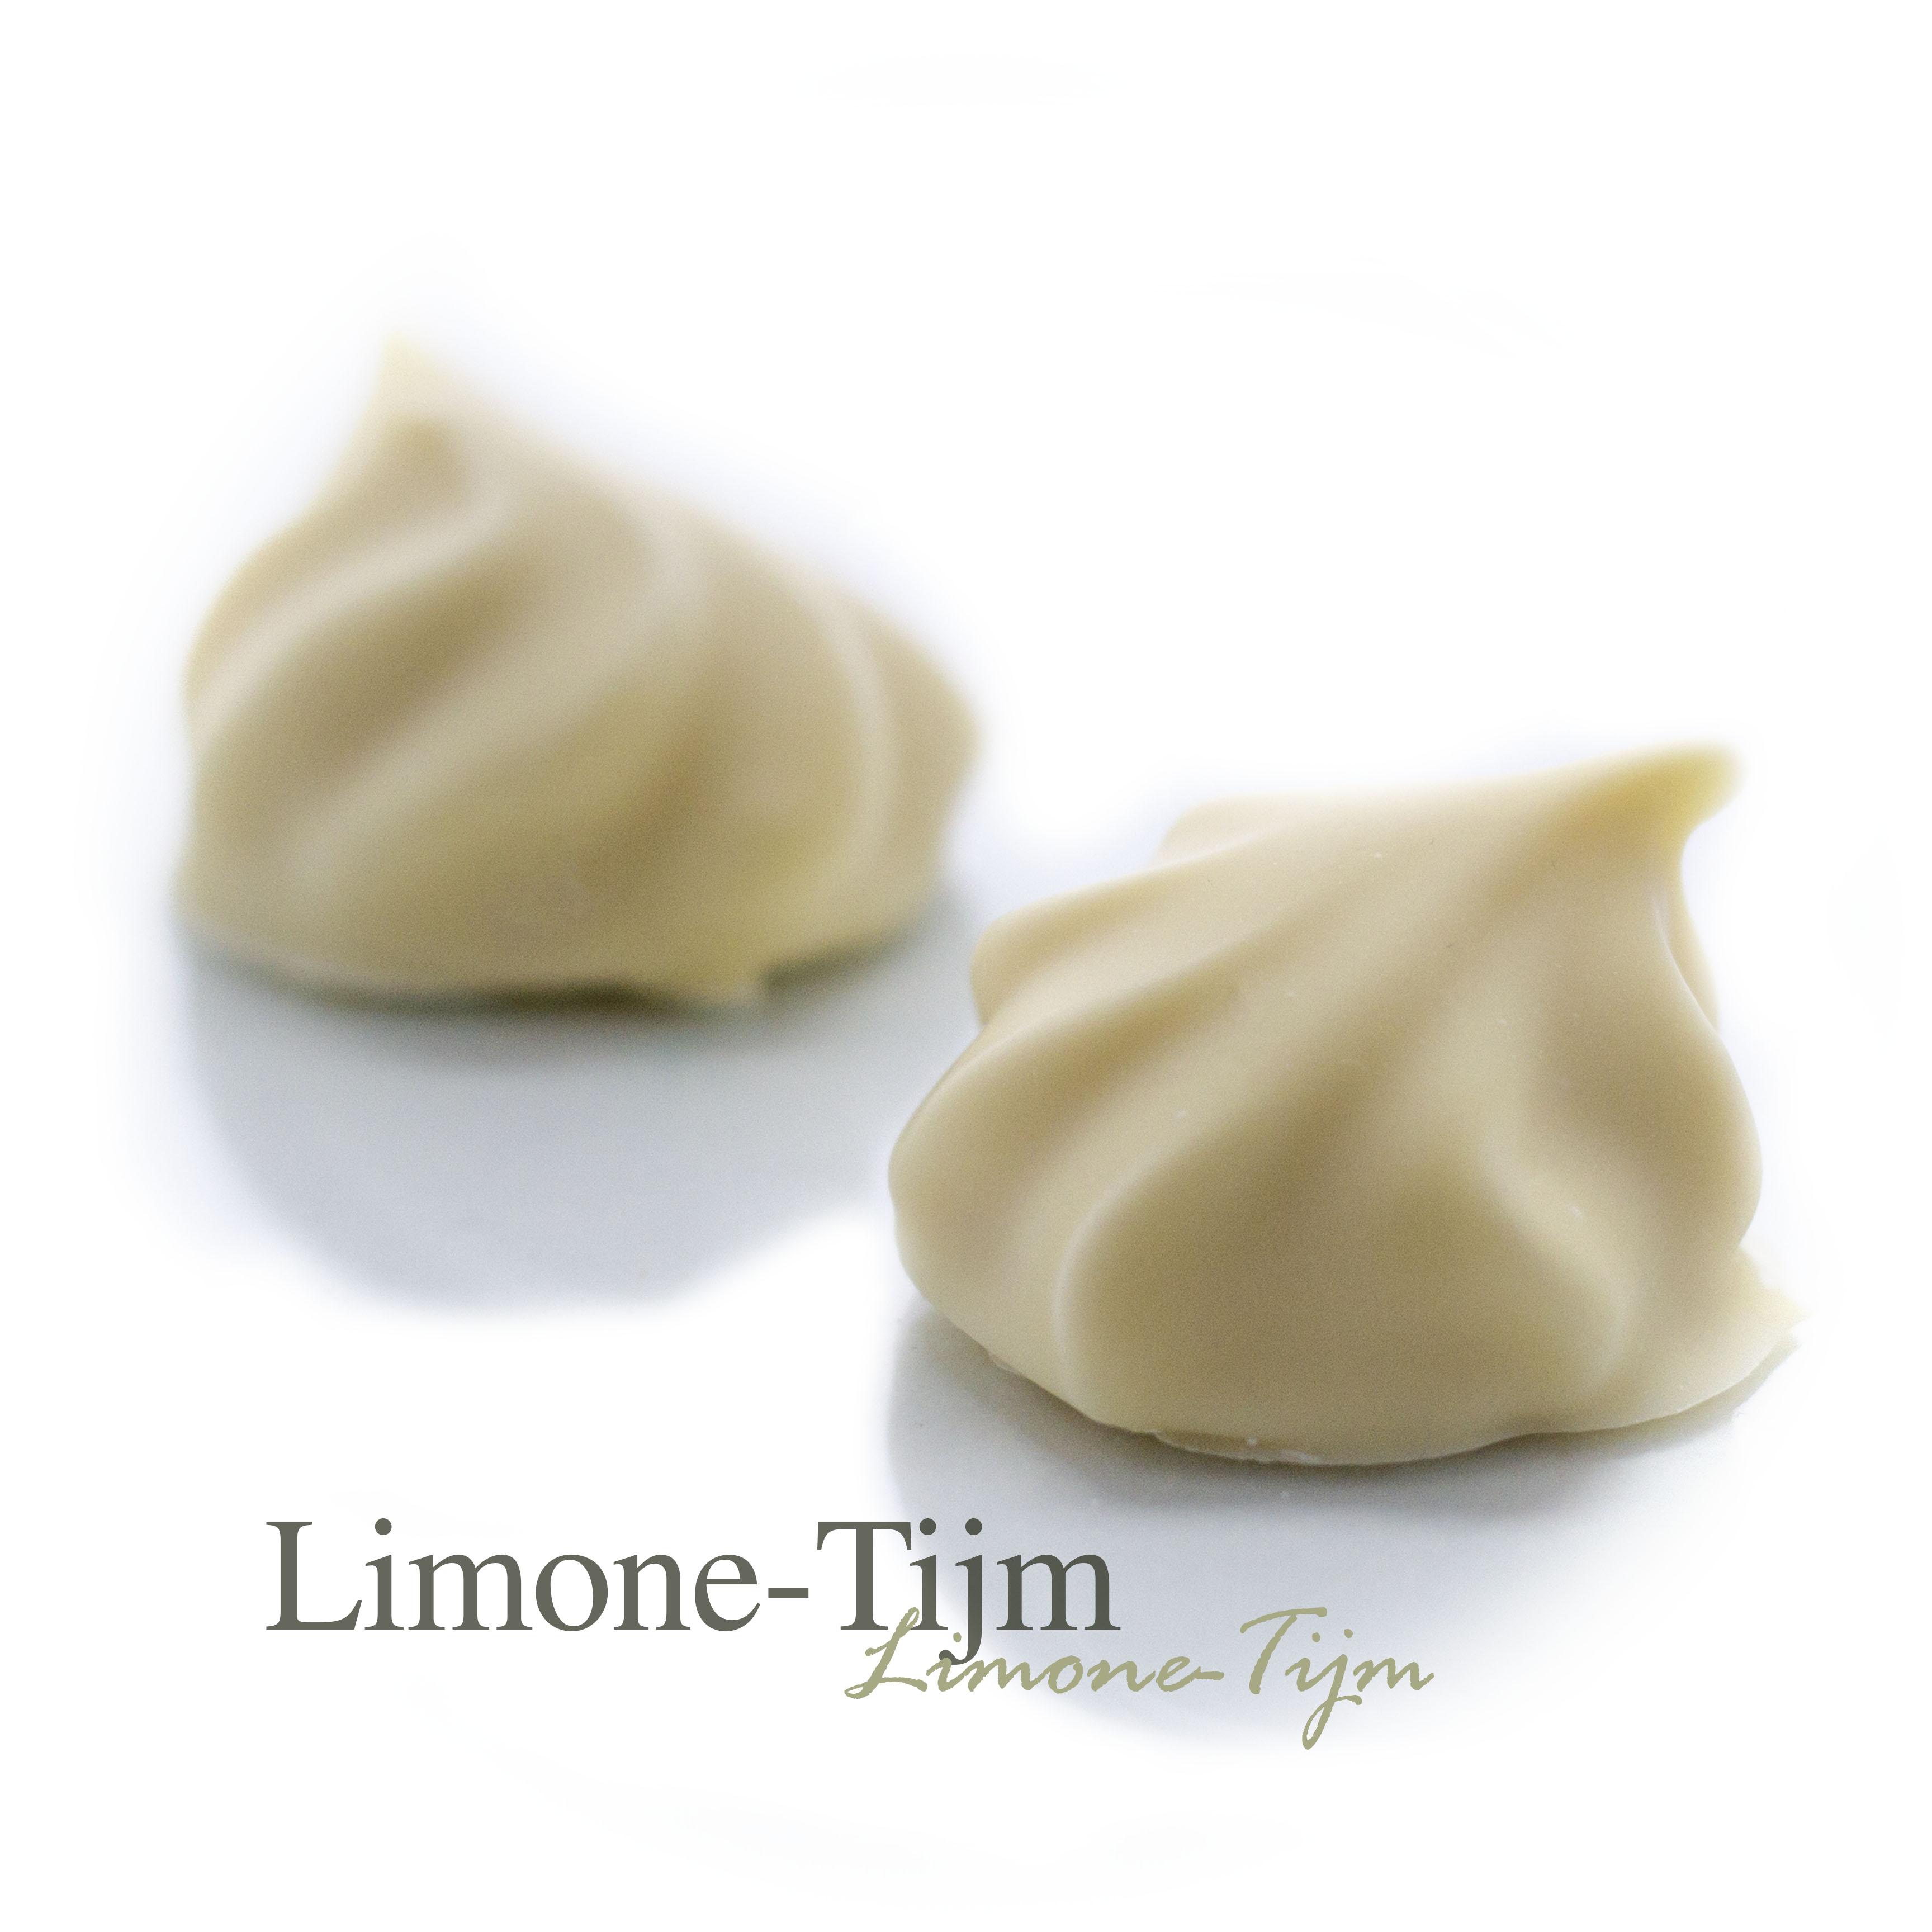 Een frisse citroen ganache met Limoncello en de kruidige smaak van tijm.